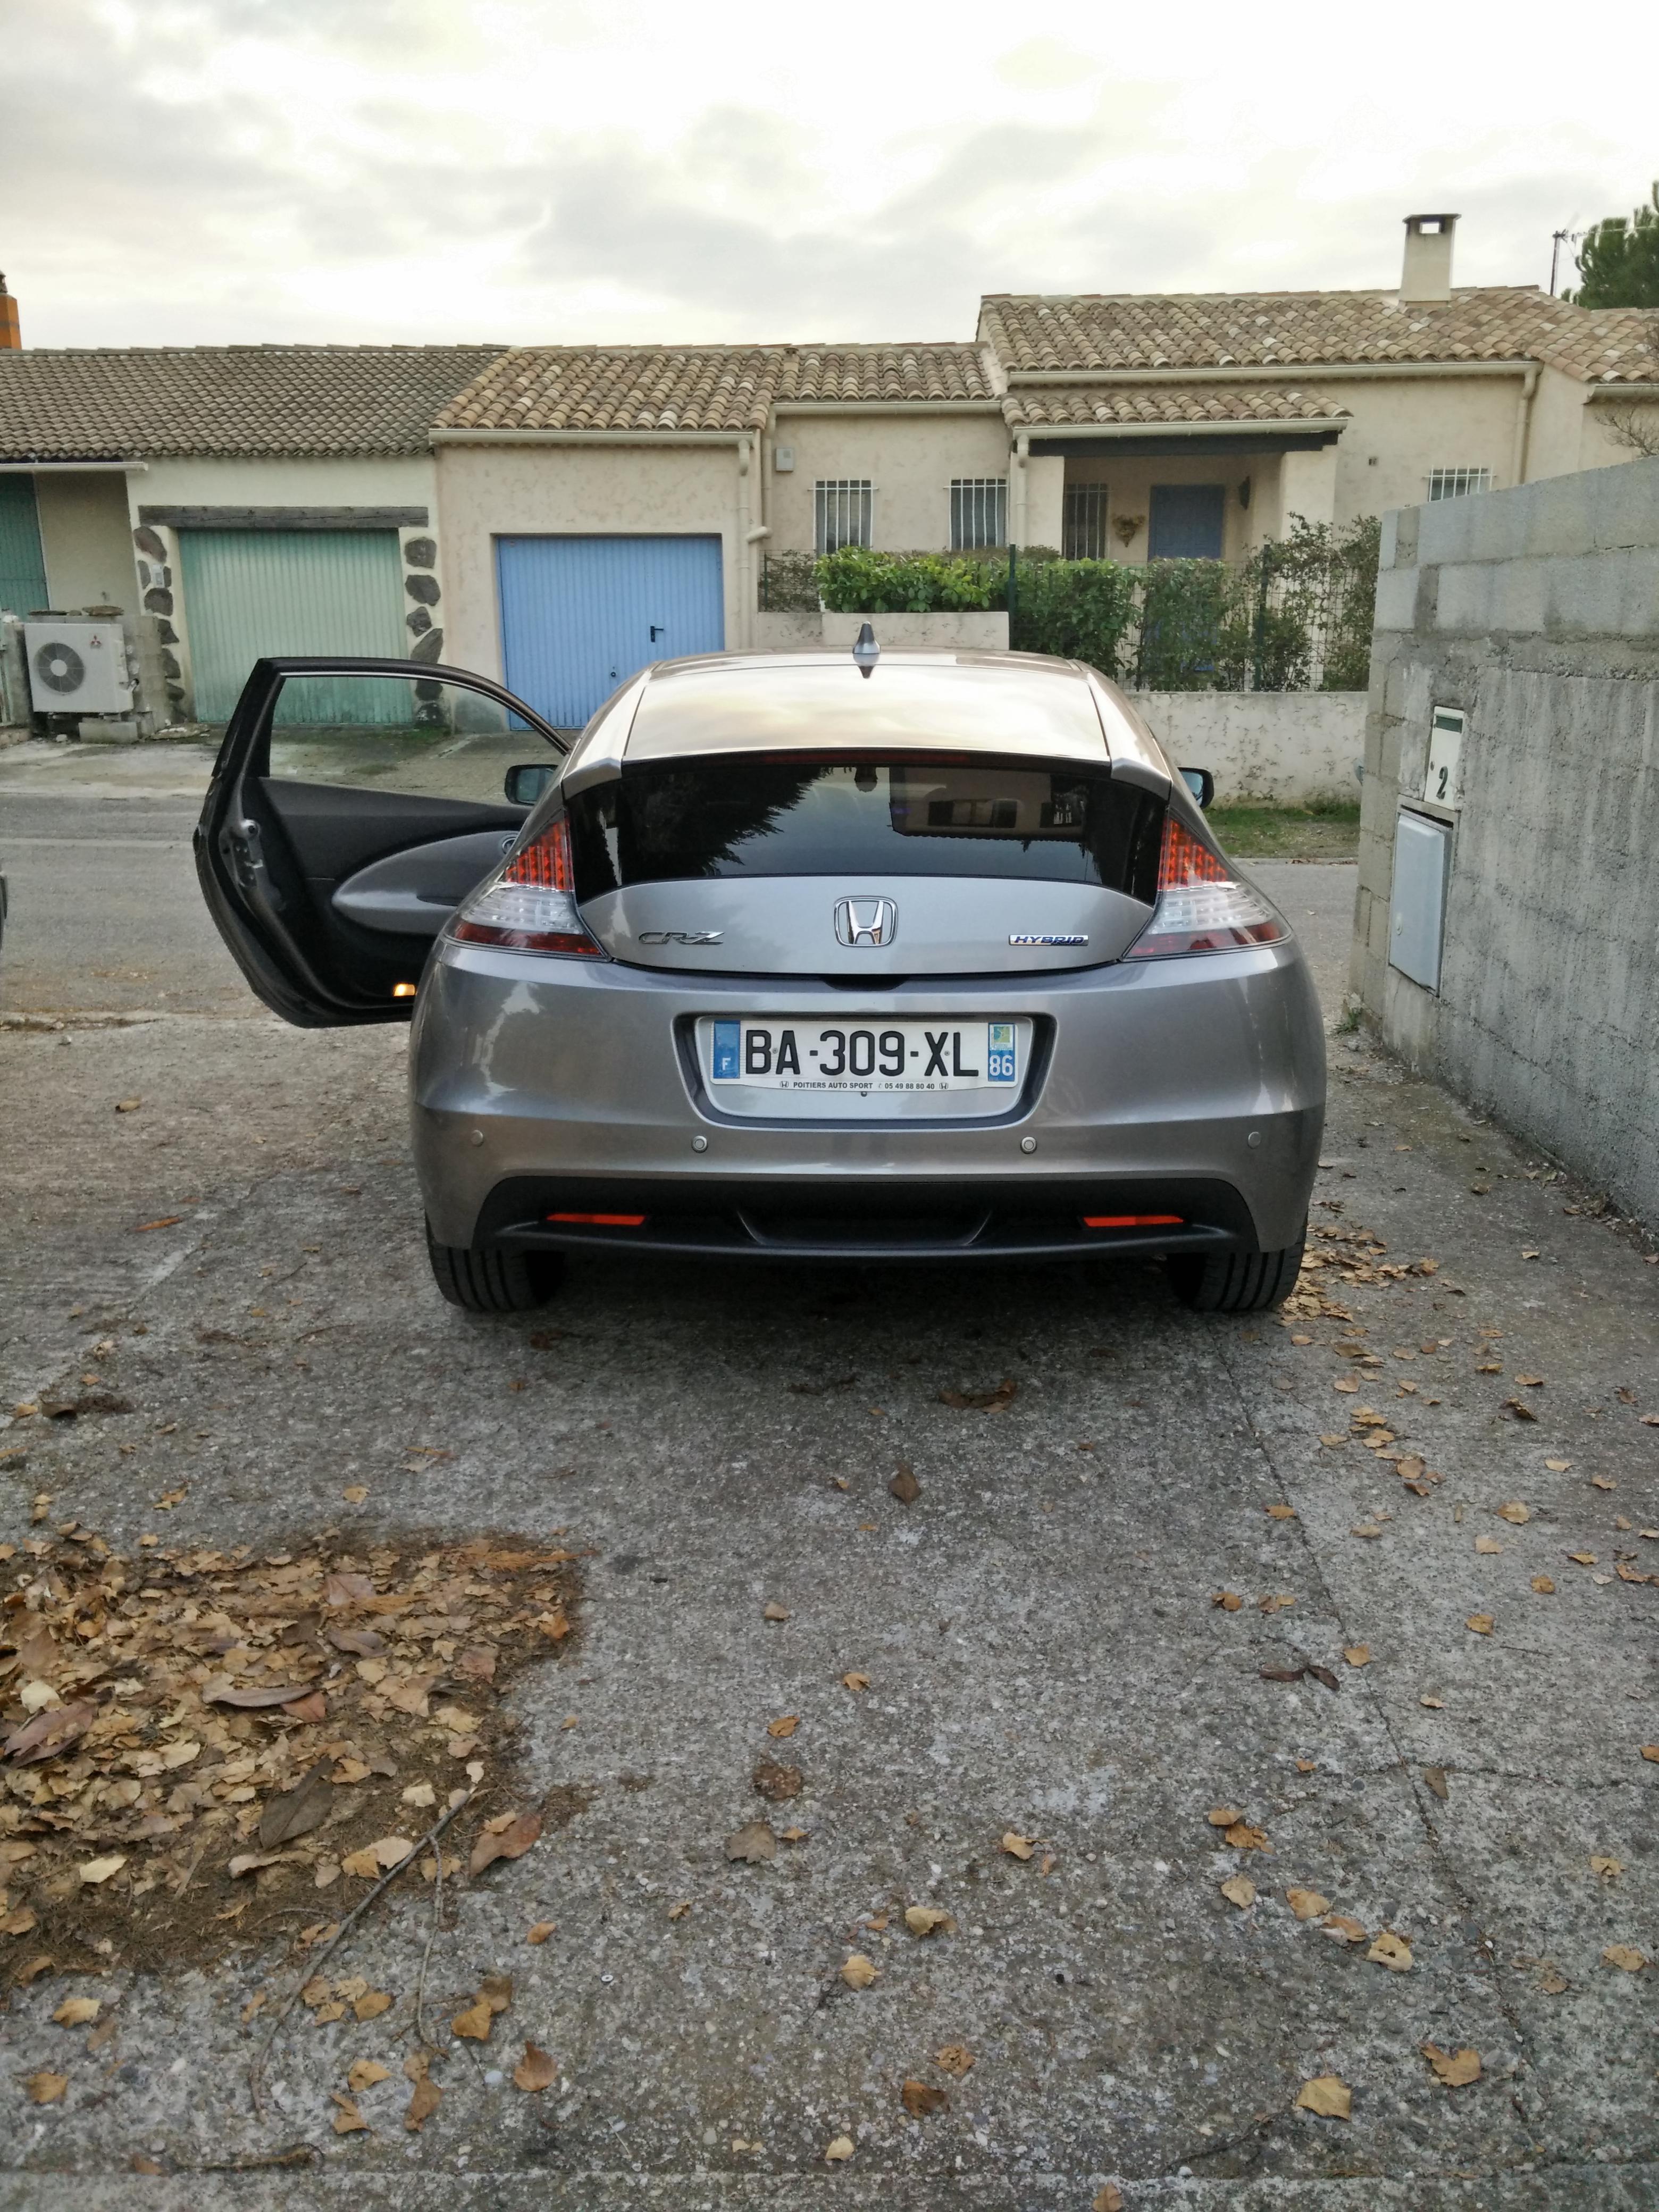 [Toto] CR-Z GT Pack Electra dans le 13 151208012737714006